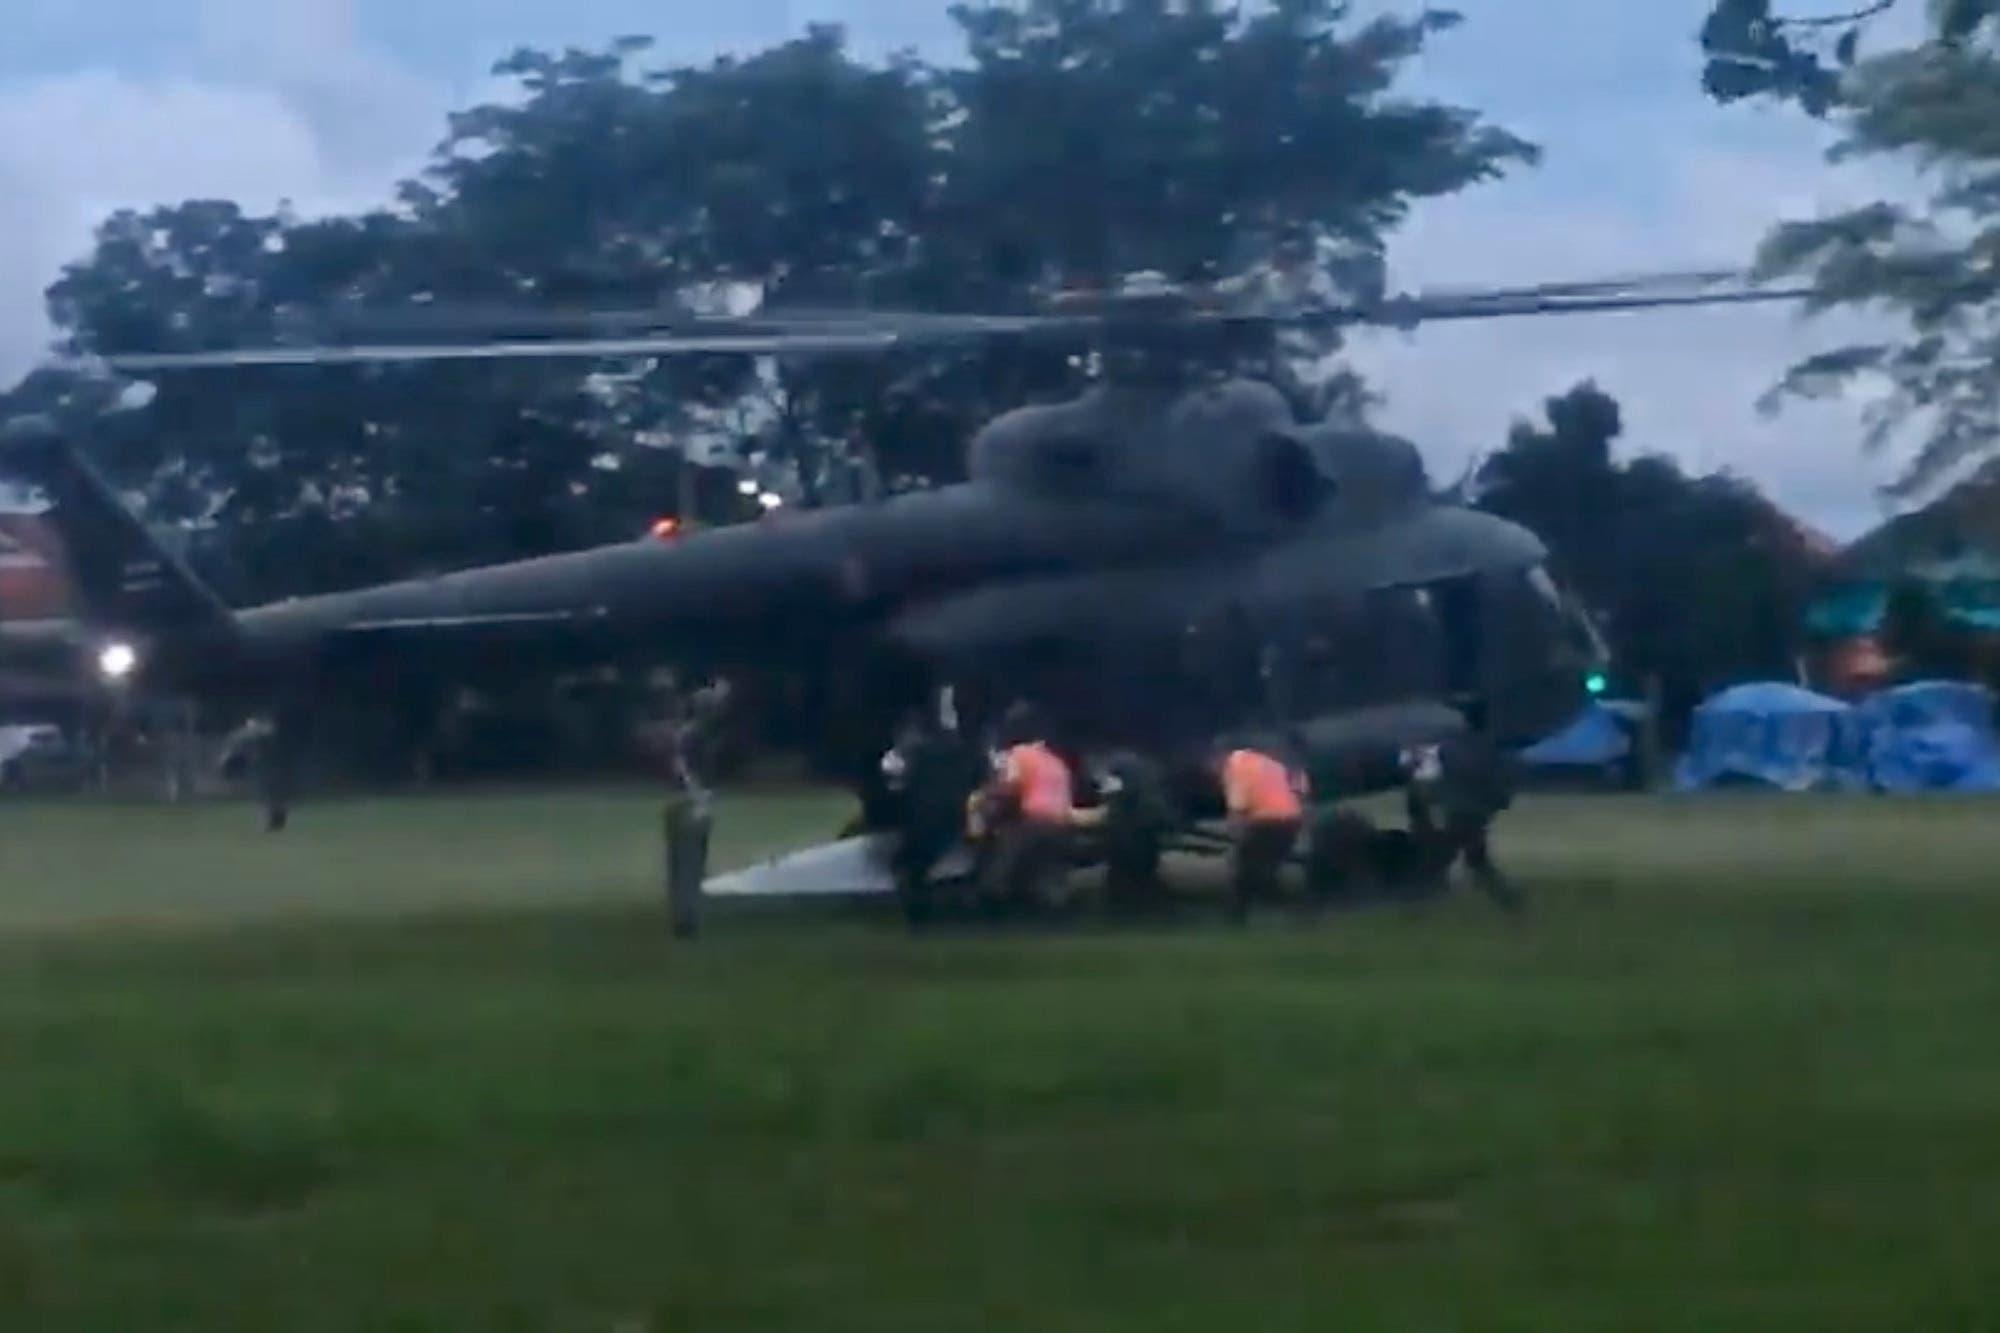 Pasadas las primeras horas de la mañana, en el lugar de los hechos se registró el arribo de un helicóptero y una ambulancia